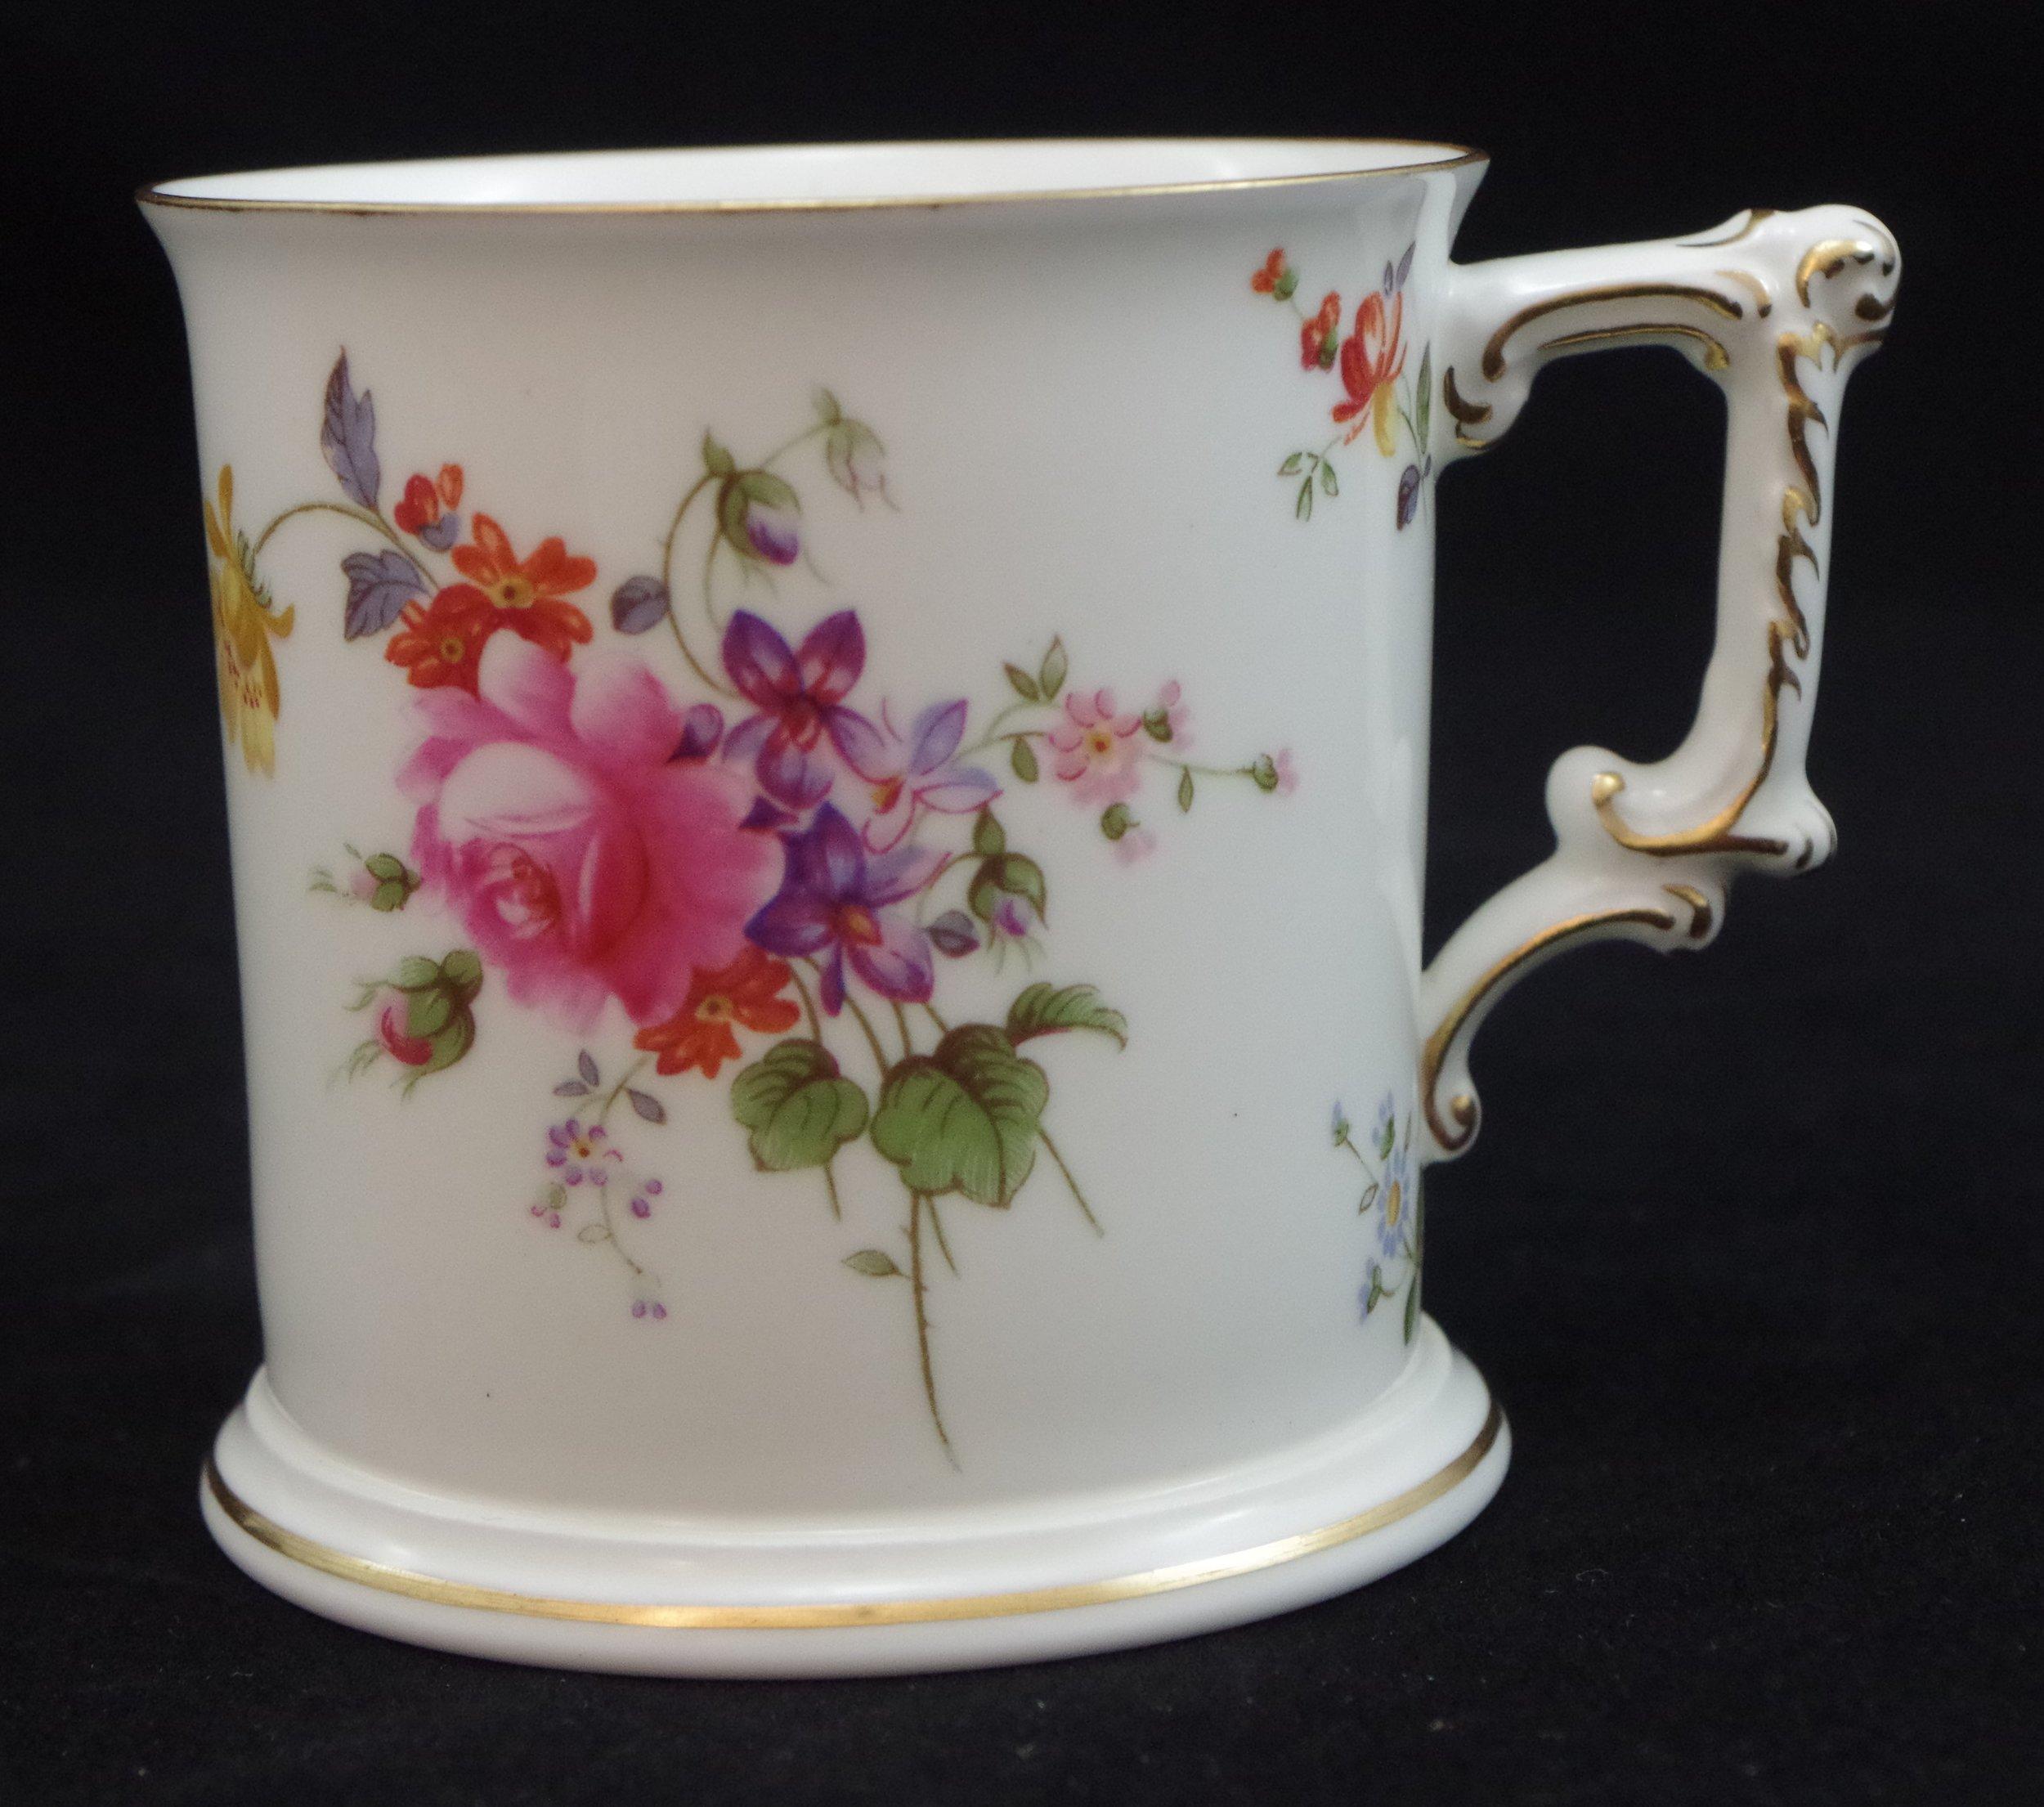 royal-crown-derby-mug-derby-posie-A228-weston-on-trent